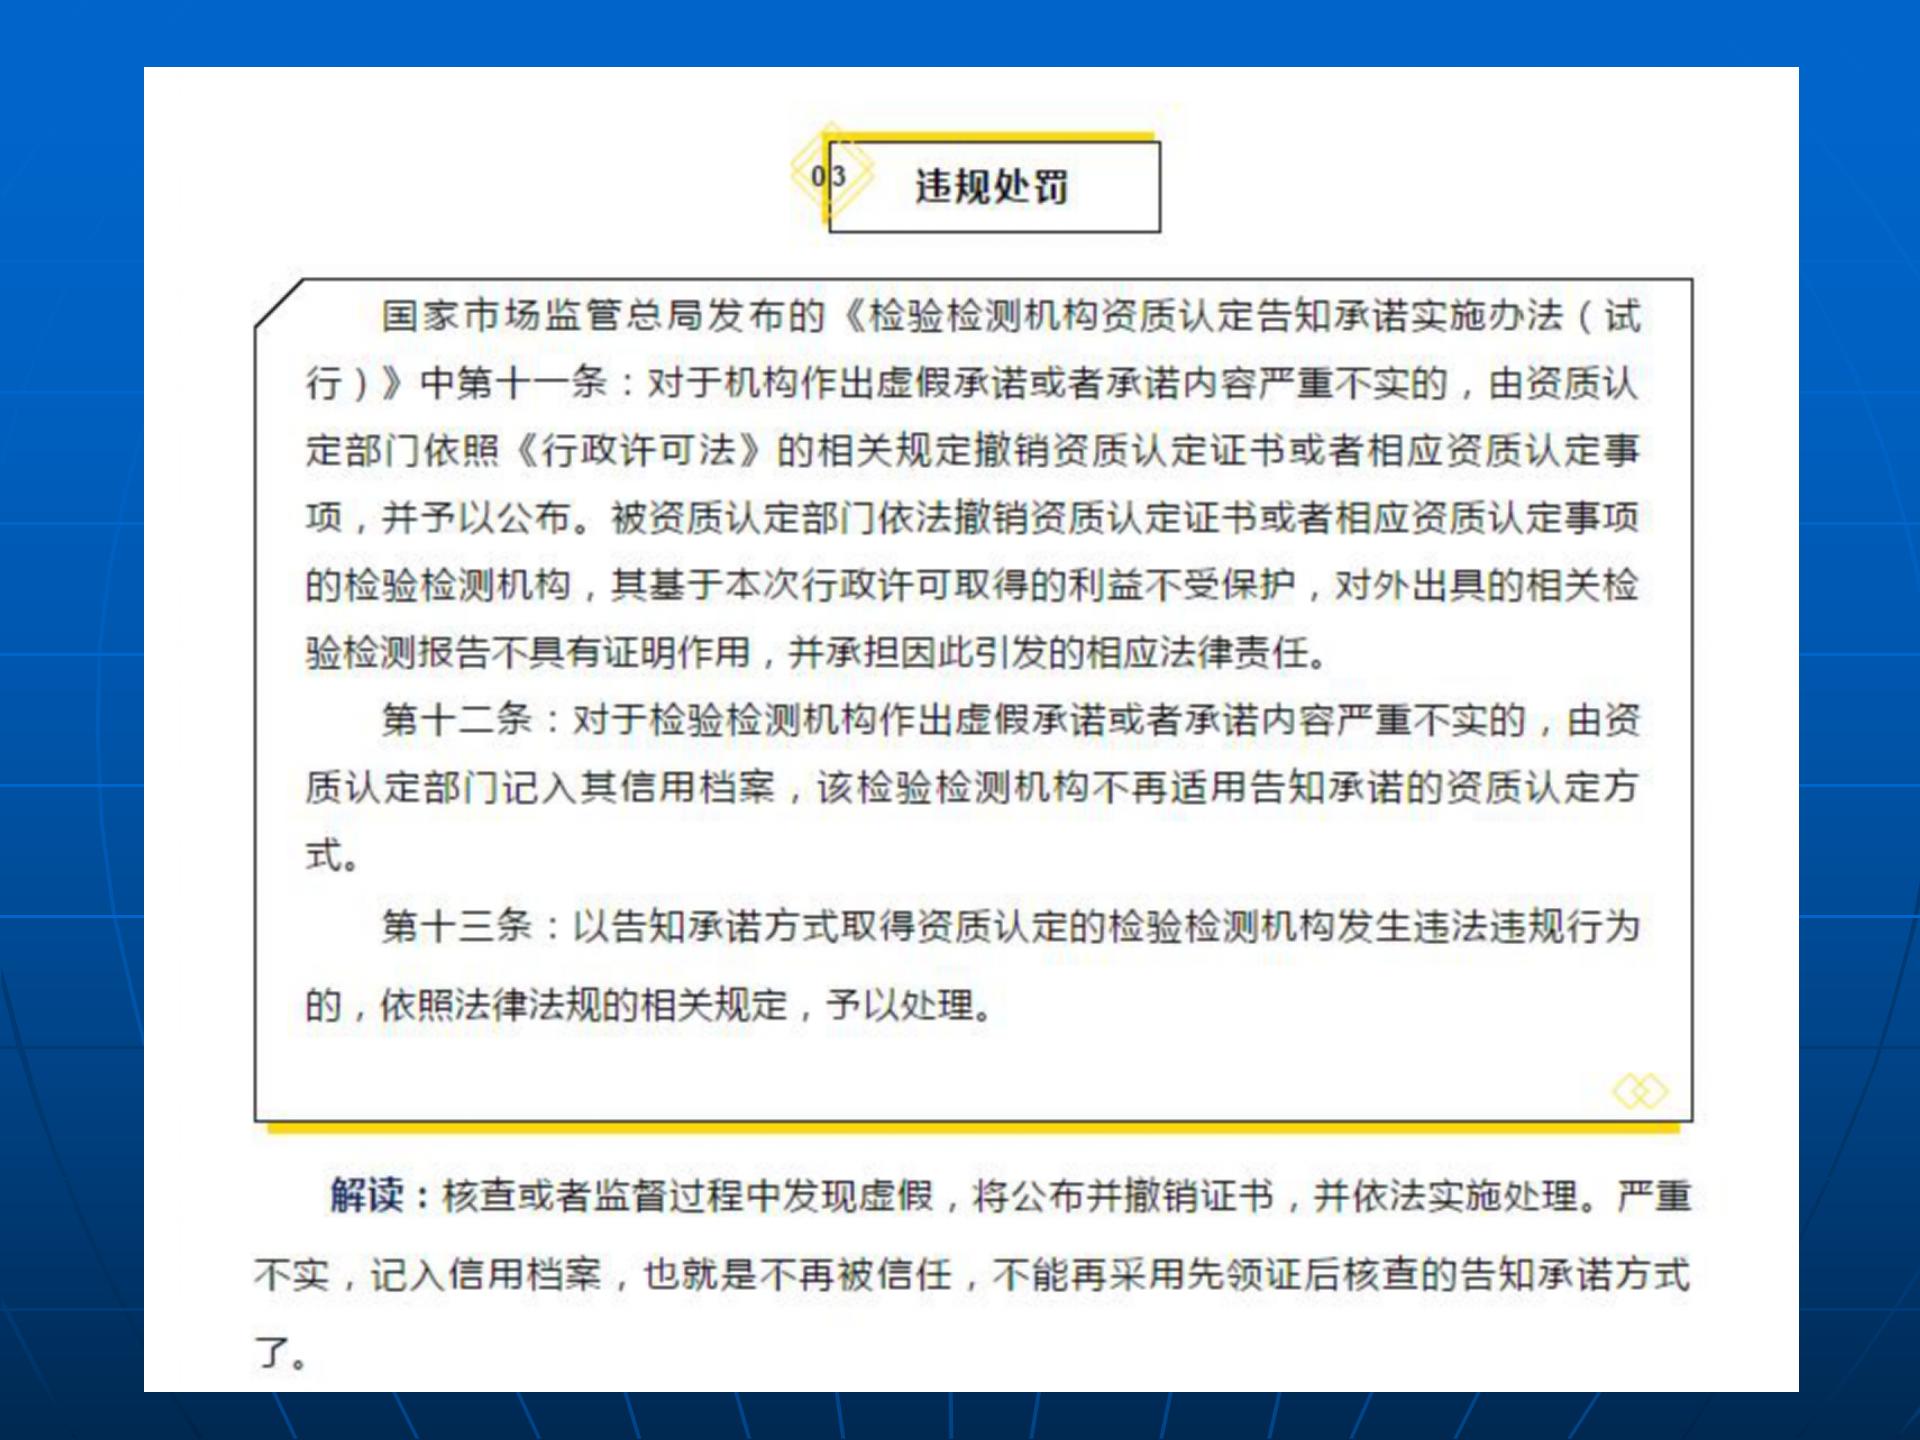 3检验检测机构资质认定告知承诺实施办法 要点解读_07.png